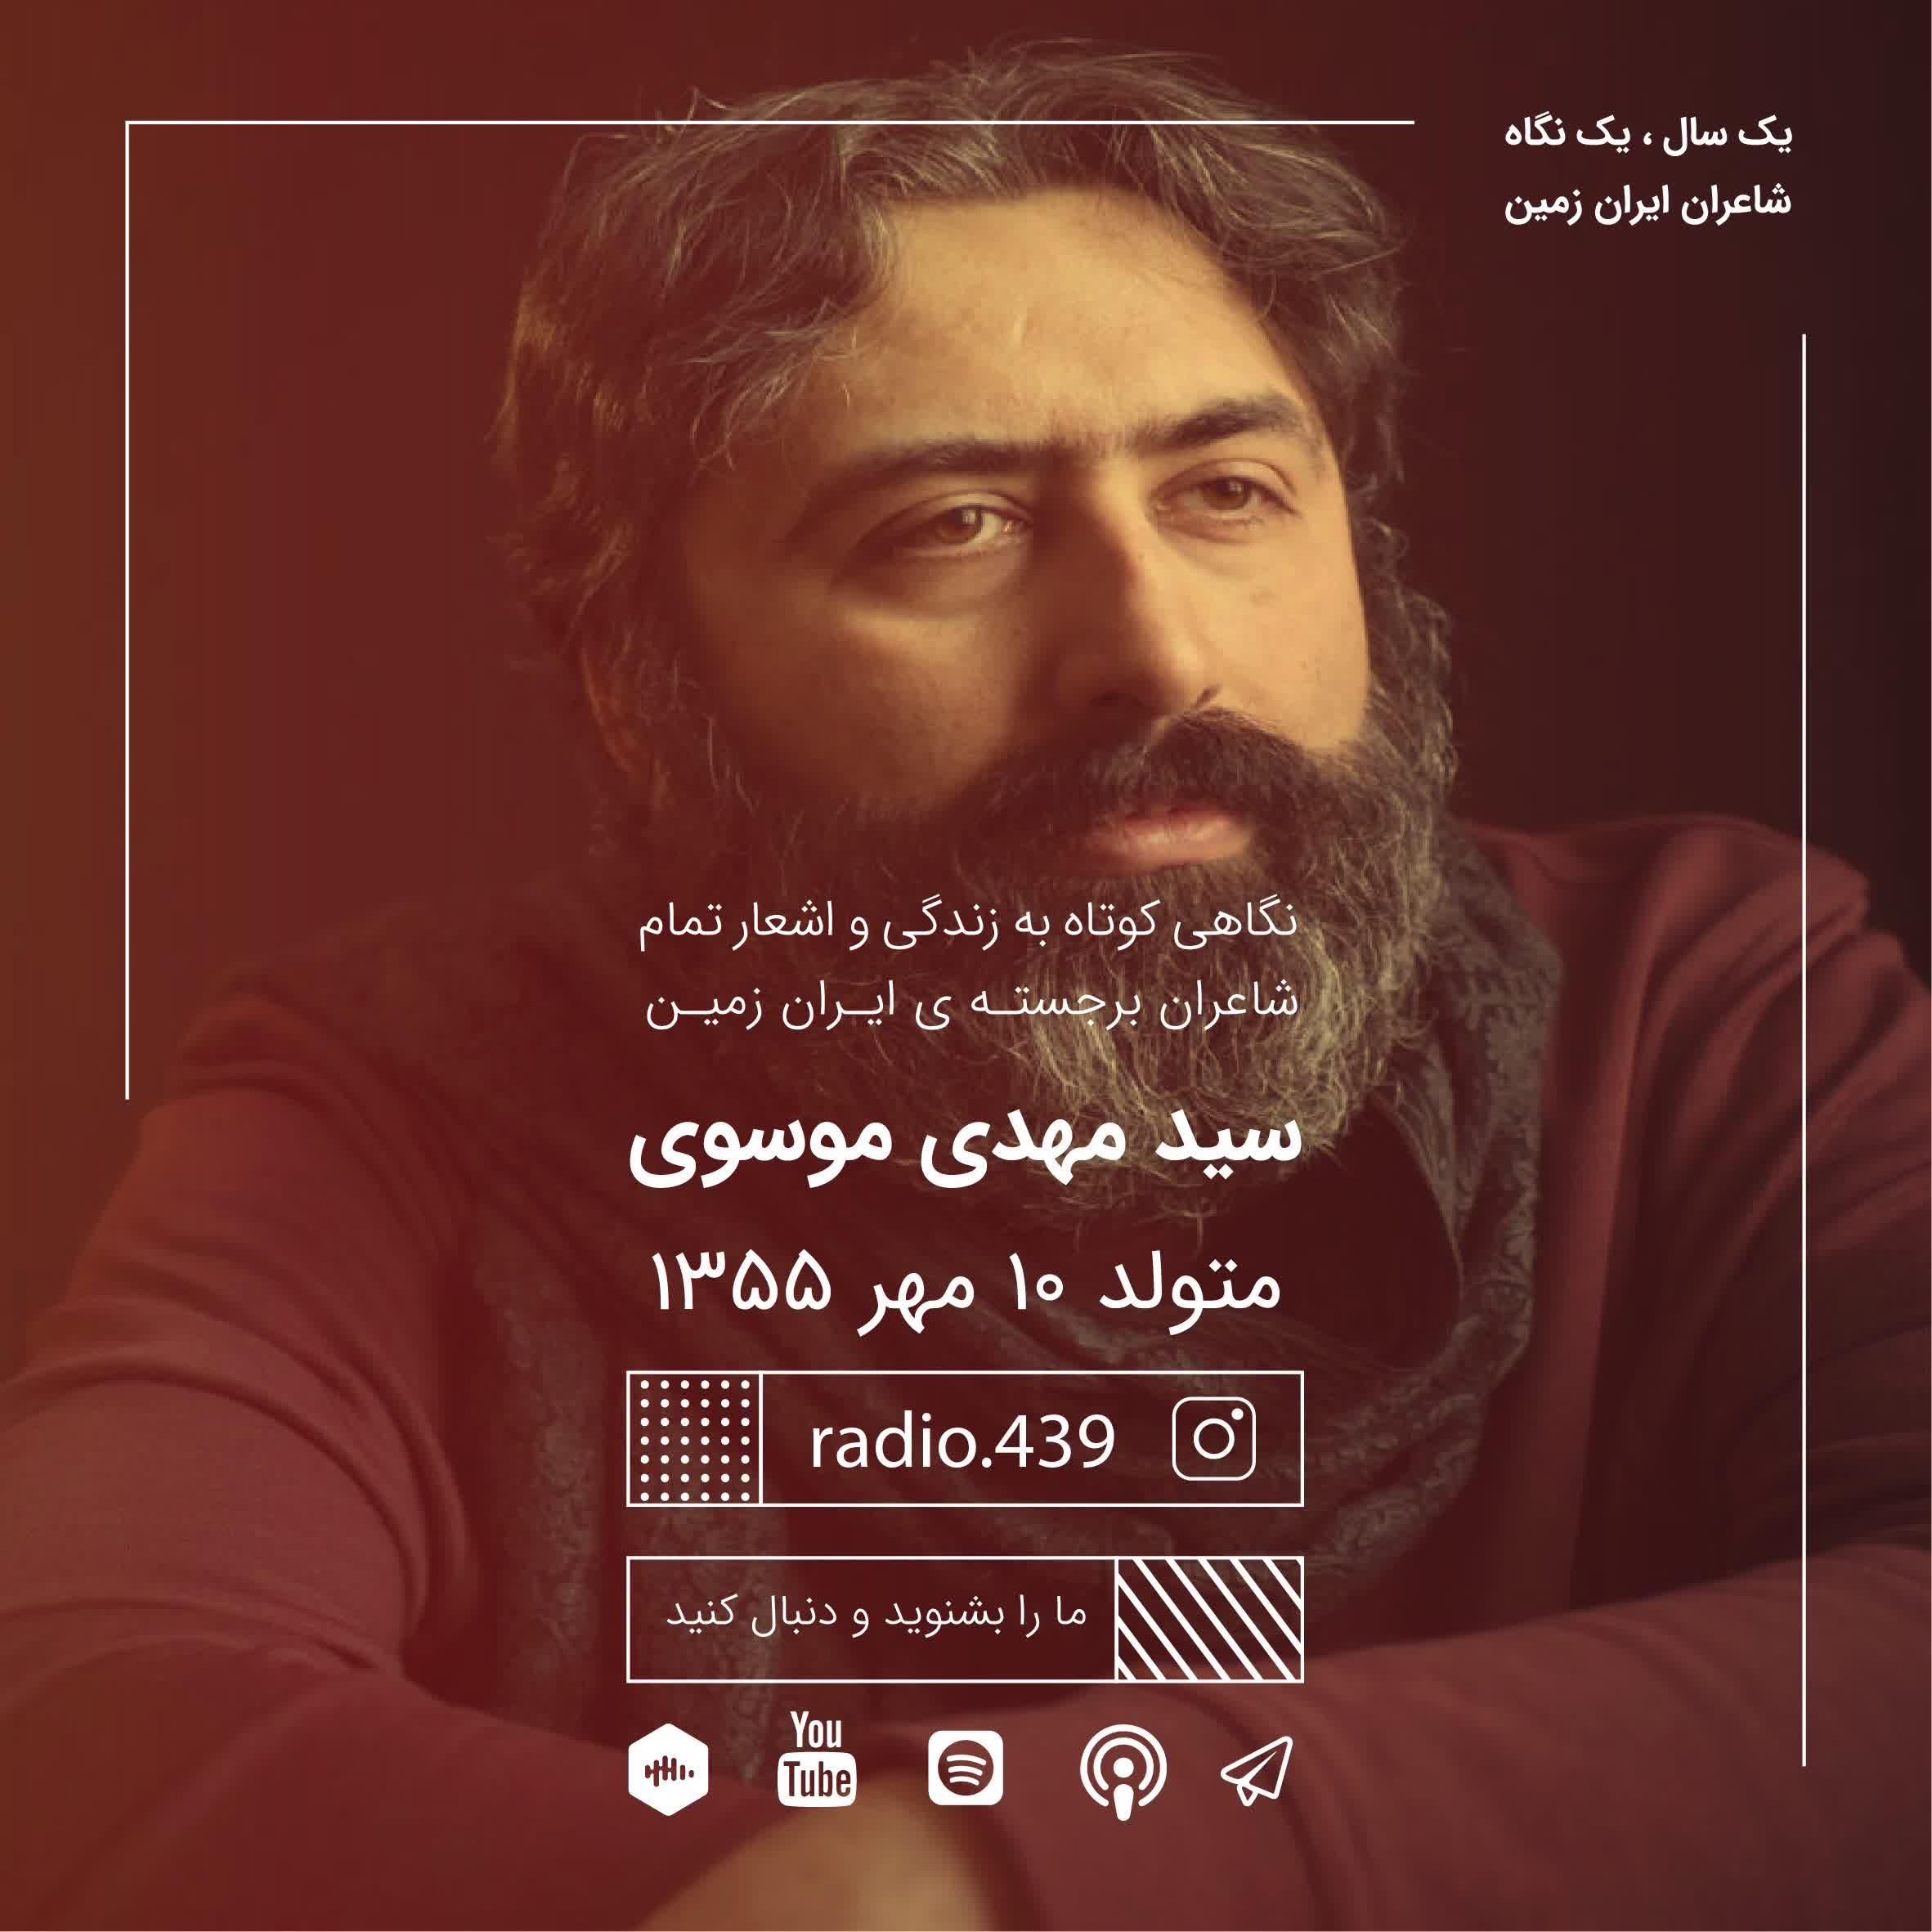 یک سال یک نگاه-دهم مهر-مهدی موسوی